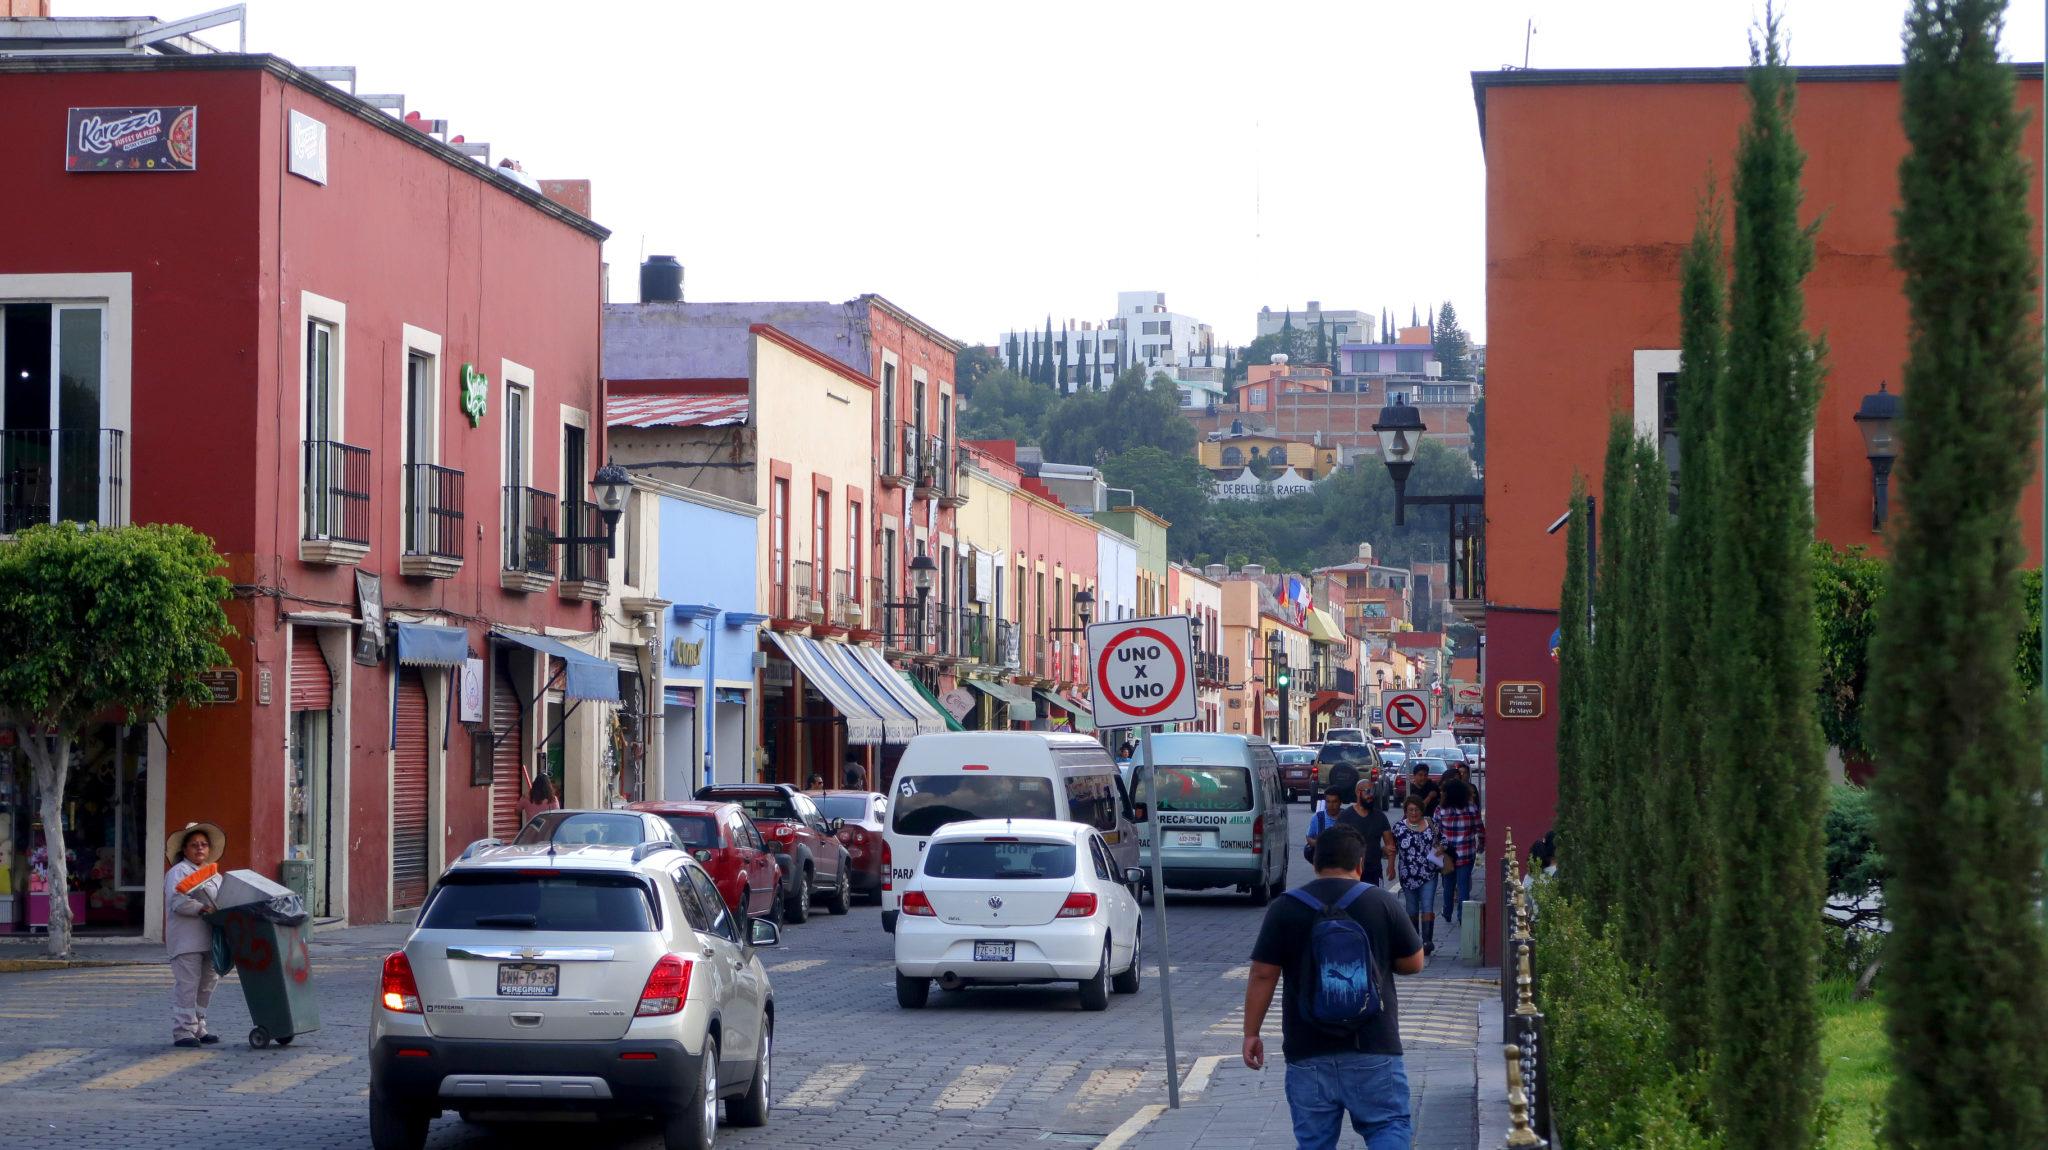 Centro histórico de Tlaxcala, Tlaxcala.